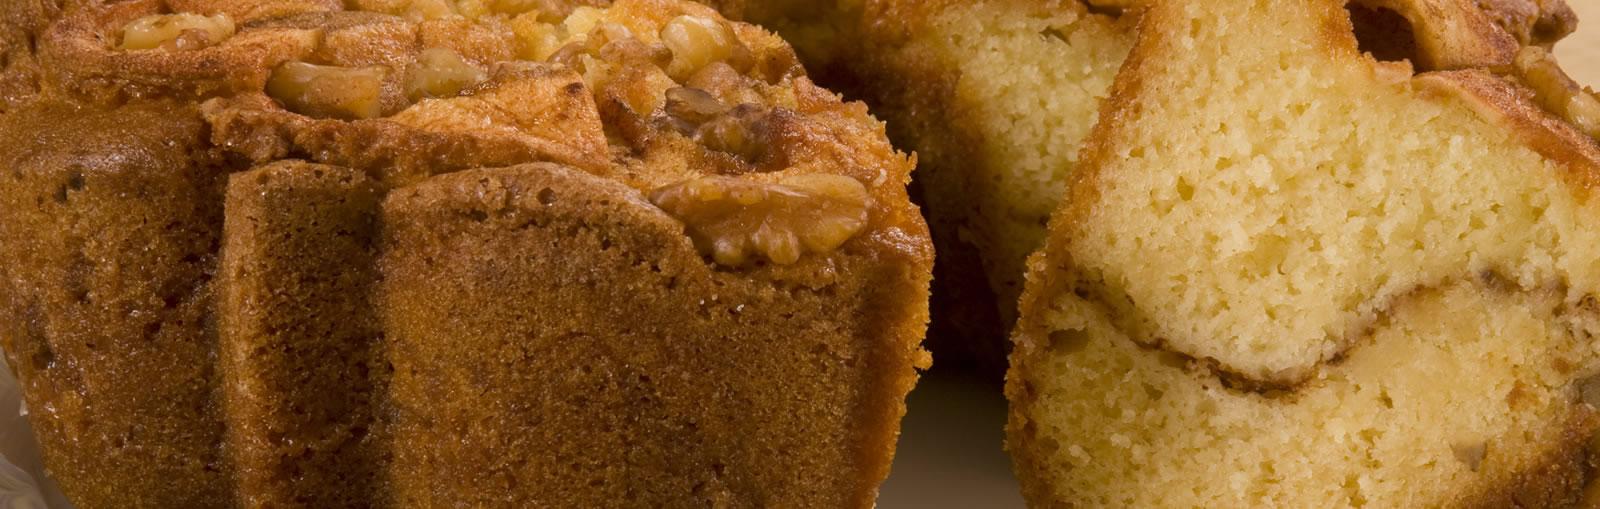 cakes-insideheader.jpg